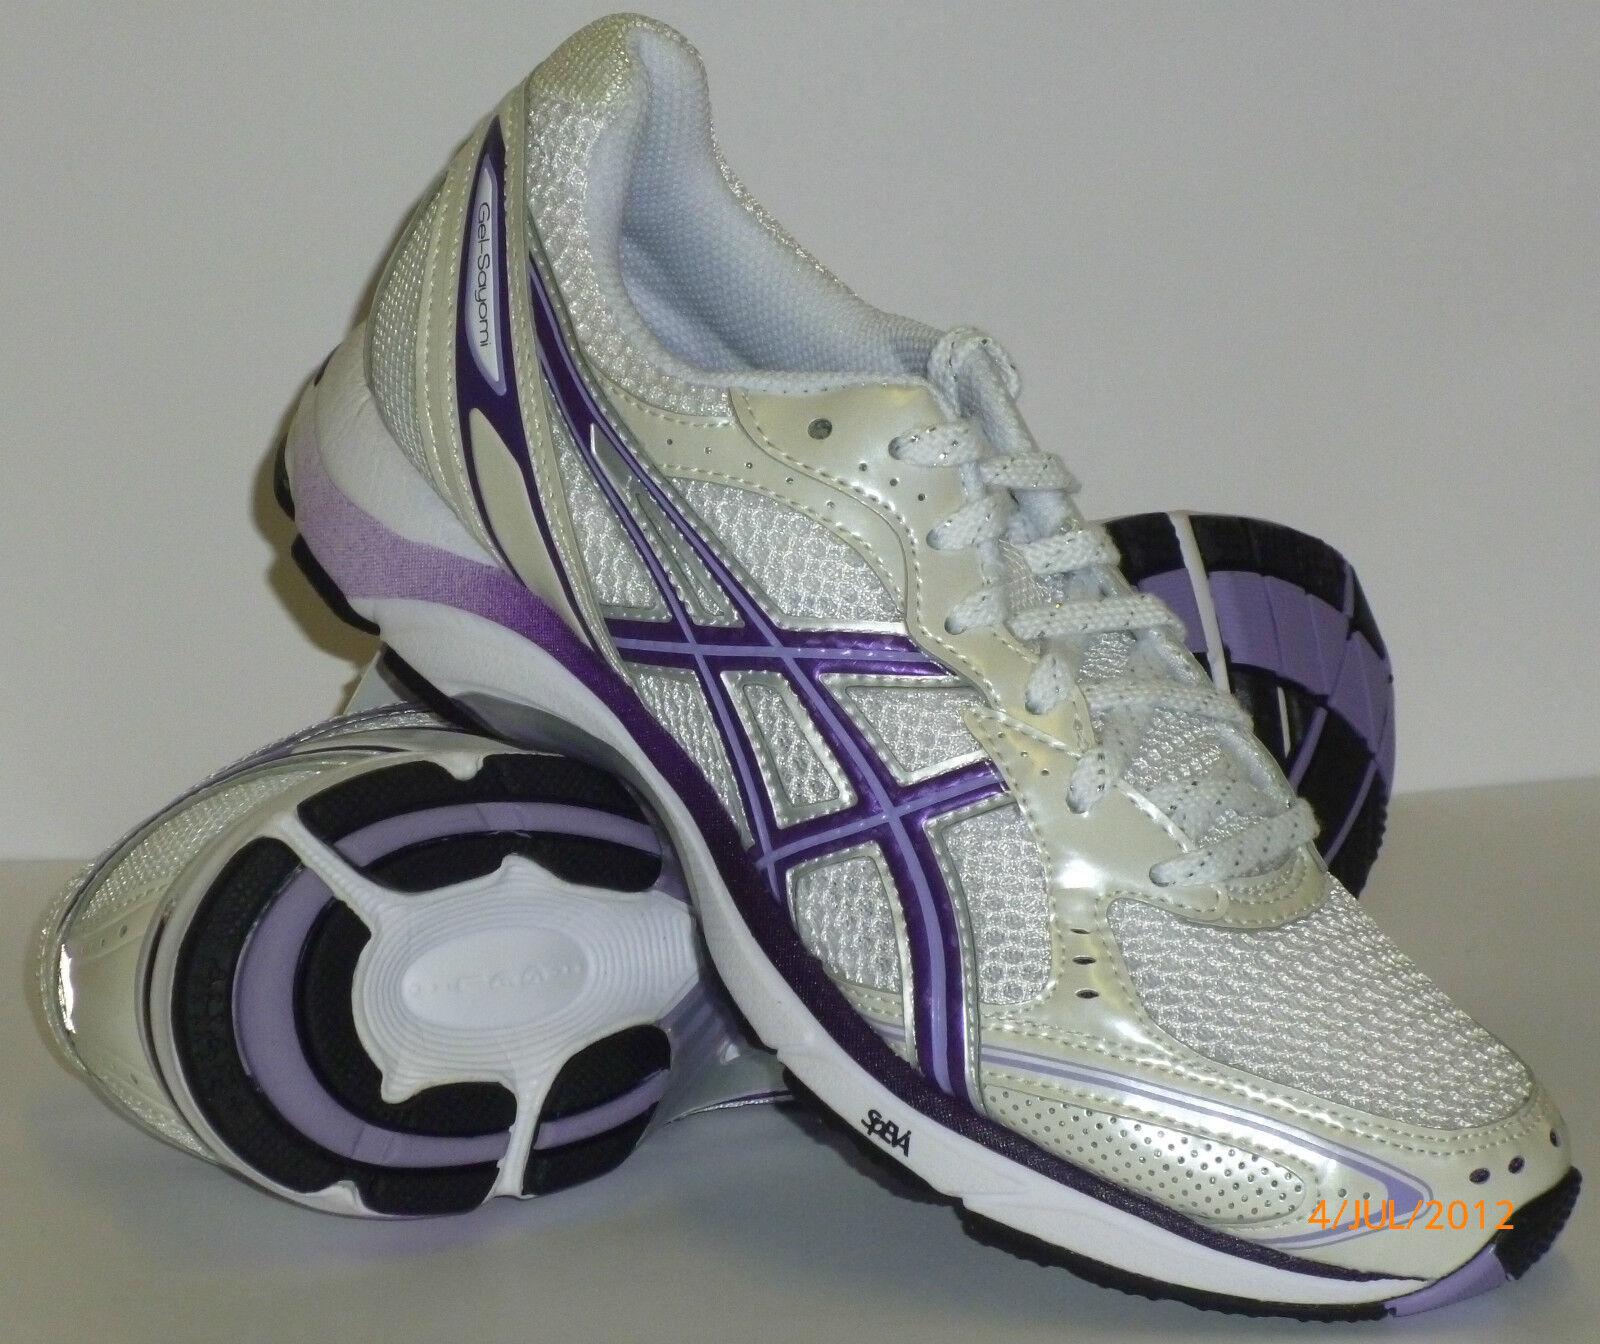 Asics Gel Sayomi Women's Running shoes White Purple Bargain .99 NEW